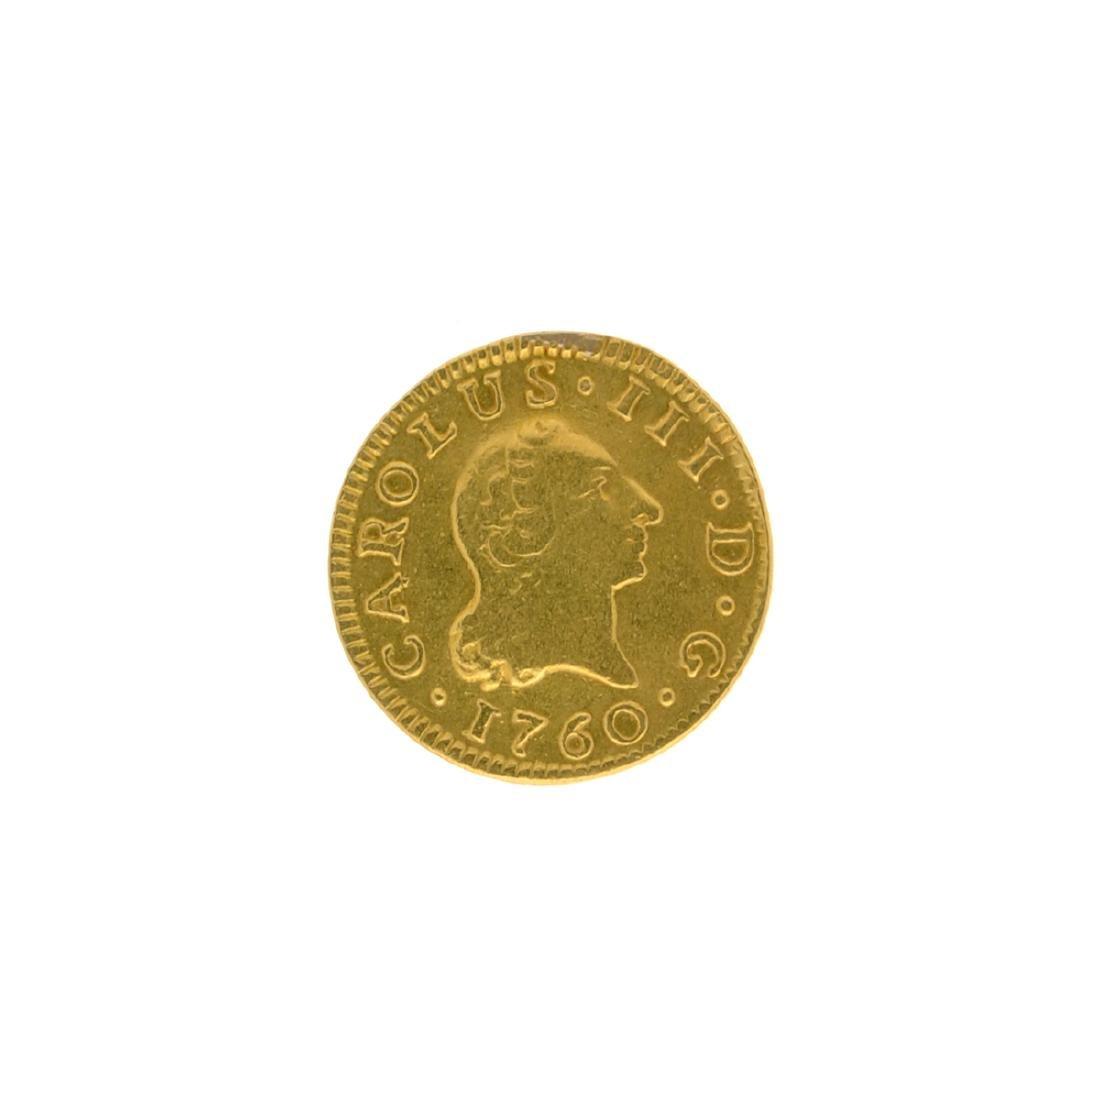 Rare 1760 Spain 1/2 Escudo Bust, Carolus III Gold Coin